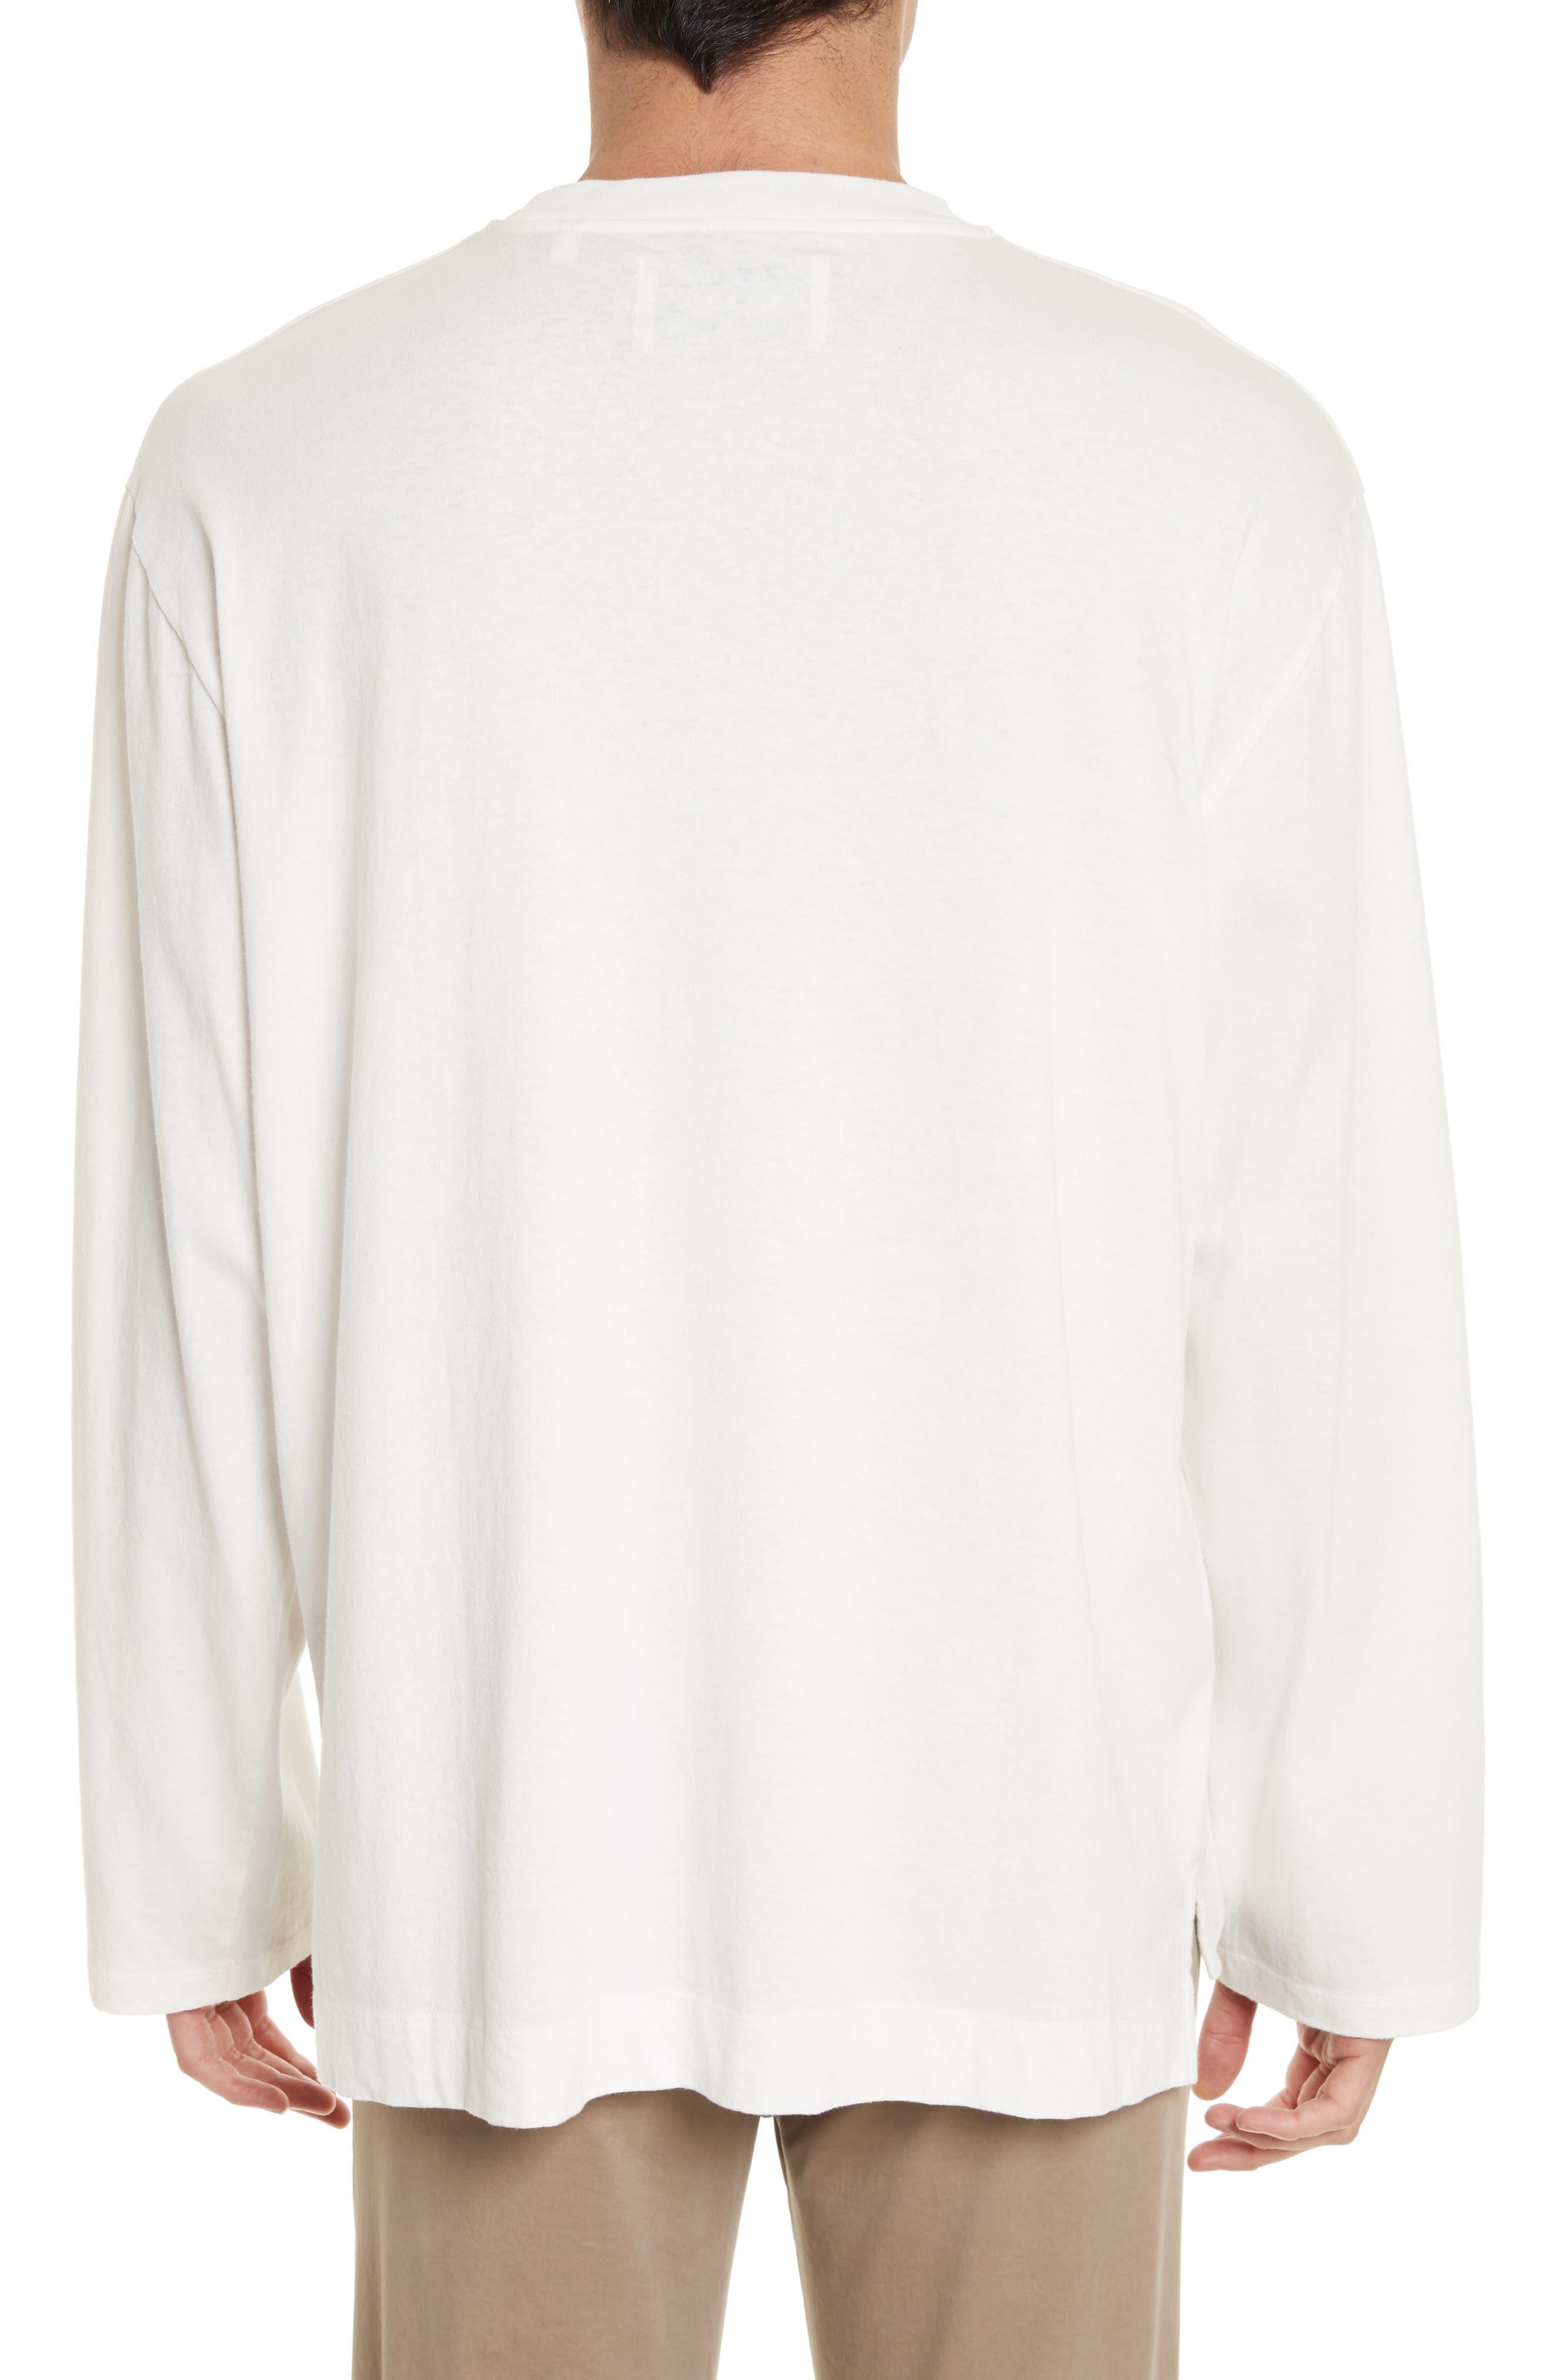 Box Fit Pocket T-Shirt,                             Alternate thumbnail 2, color,                             WHITE